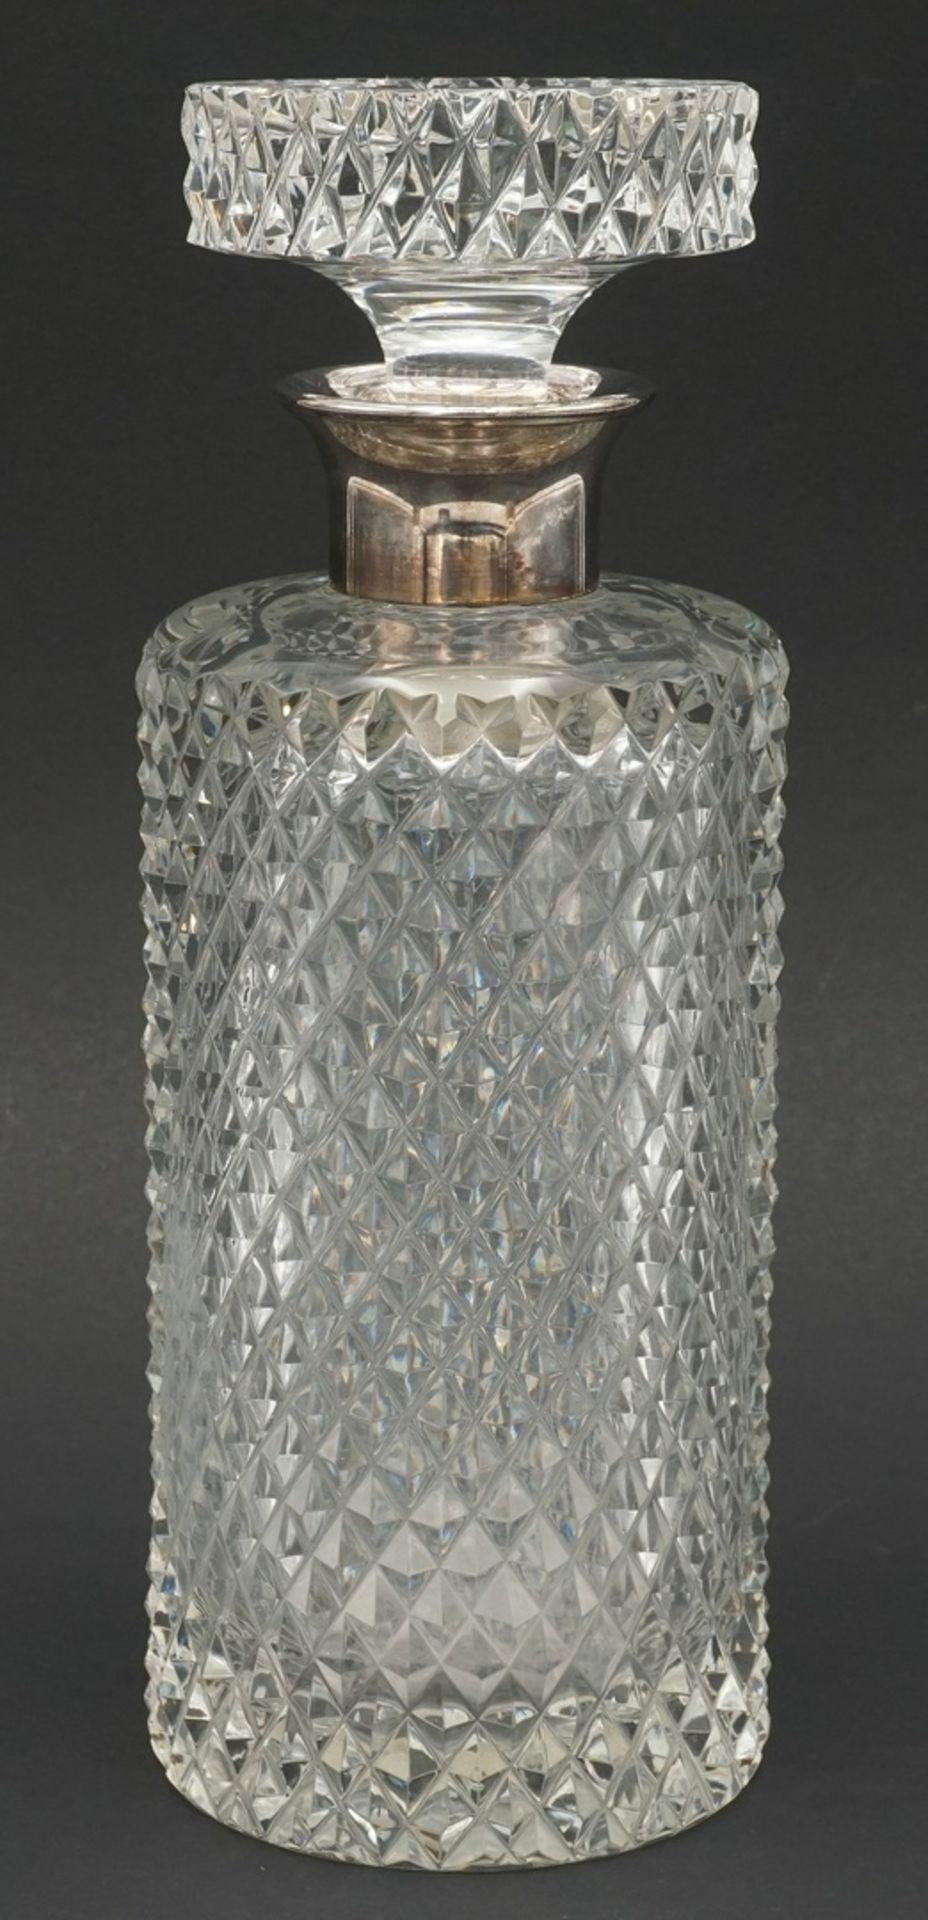 Whiskey-Karaffe mit Silber-Ausguss, 2. Hälfte 20. Jh. - Bild 2 aus 5